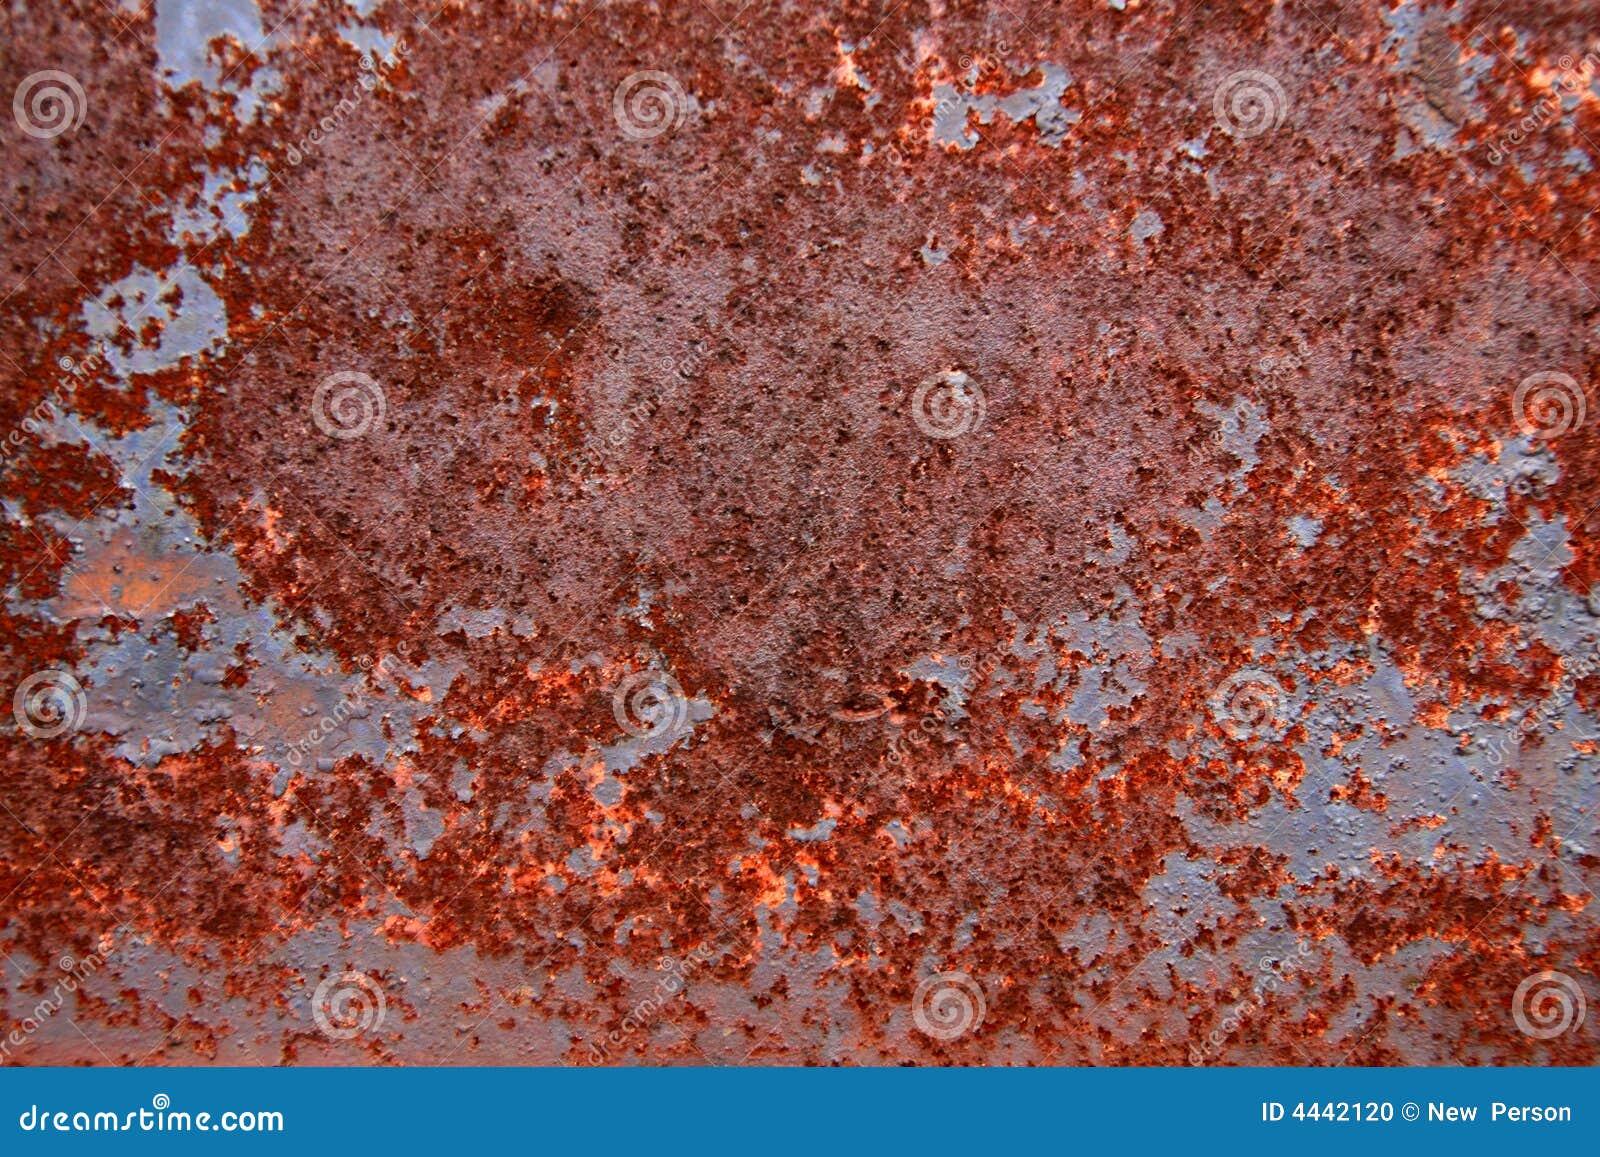 texture de rouille photo stock image du grille concepts 4442120. Black Bedroom Furniture Sets. Home Design Ideas